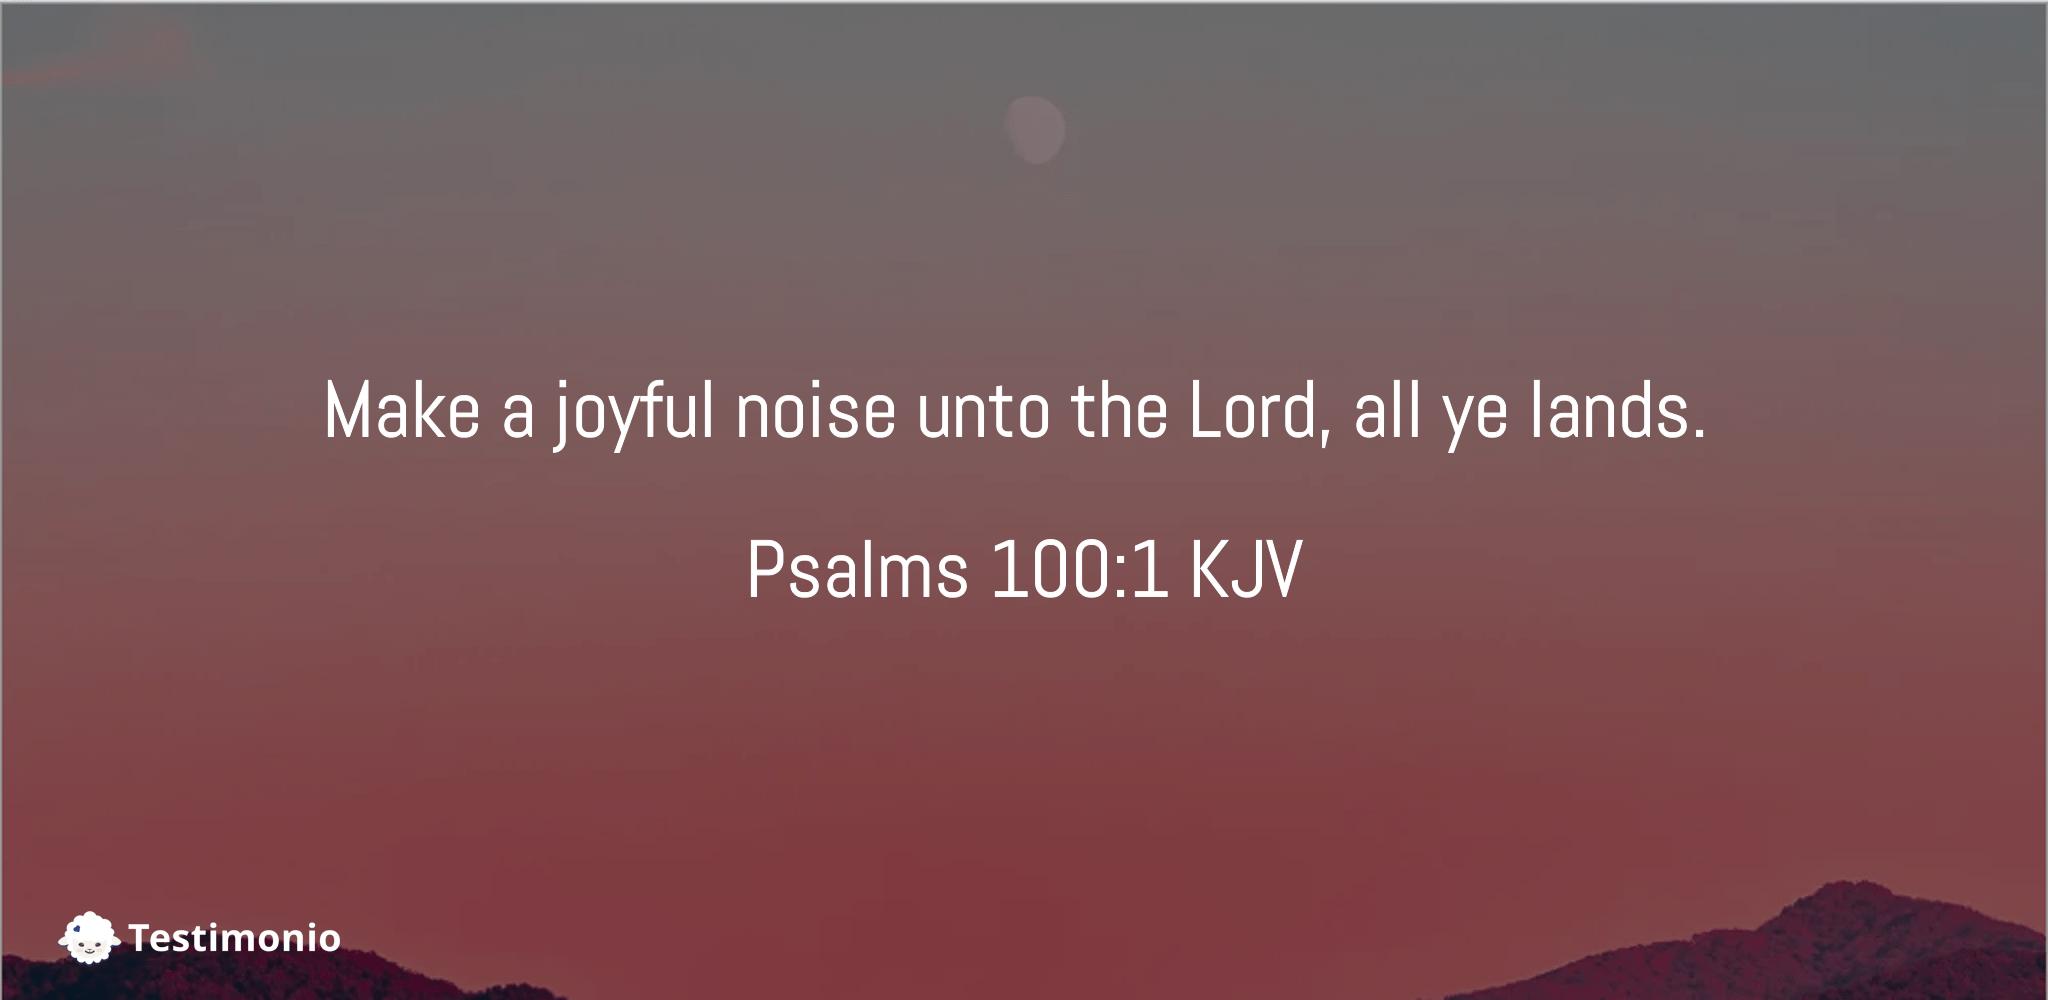 Psalms 100:1